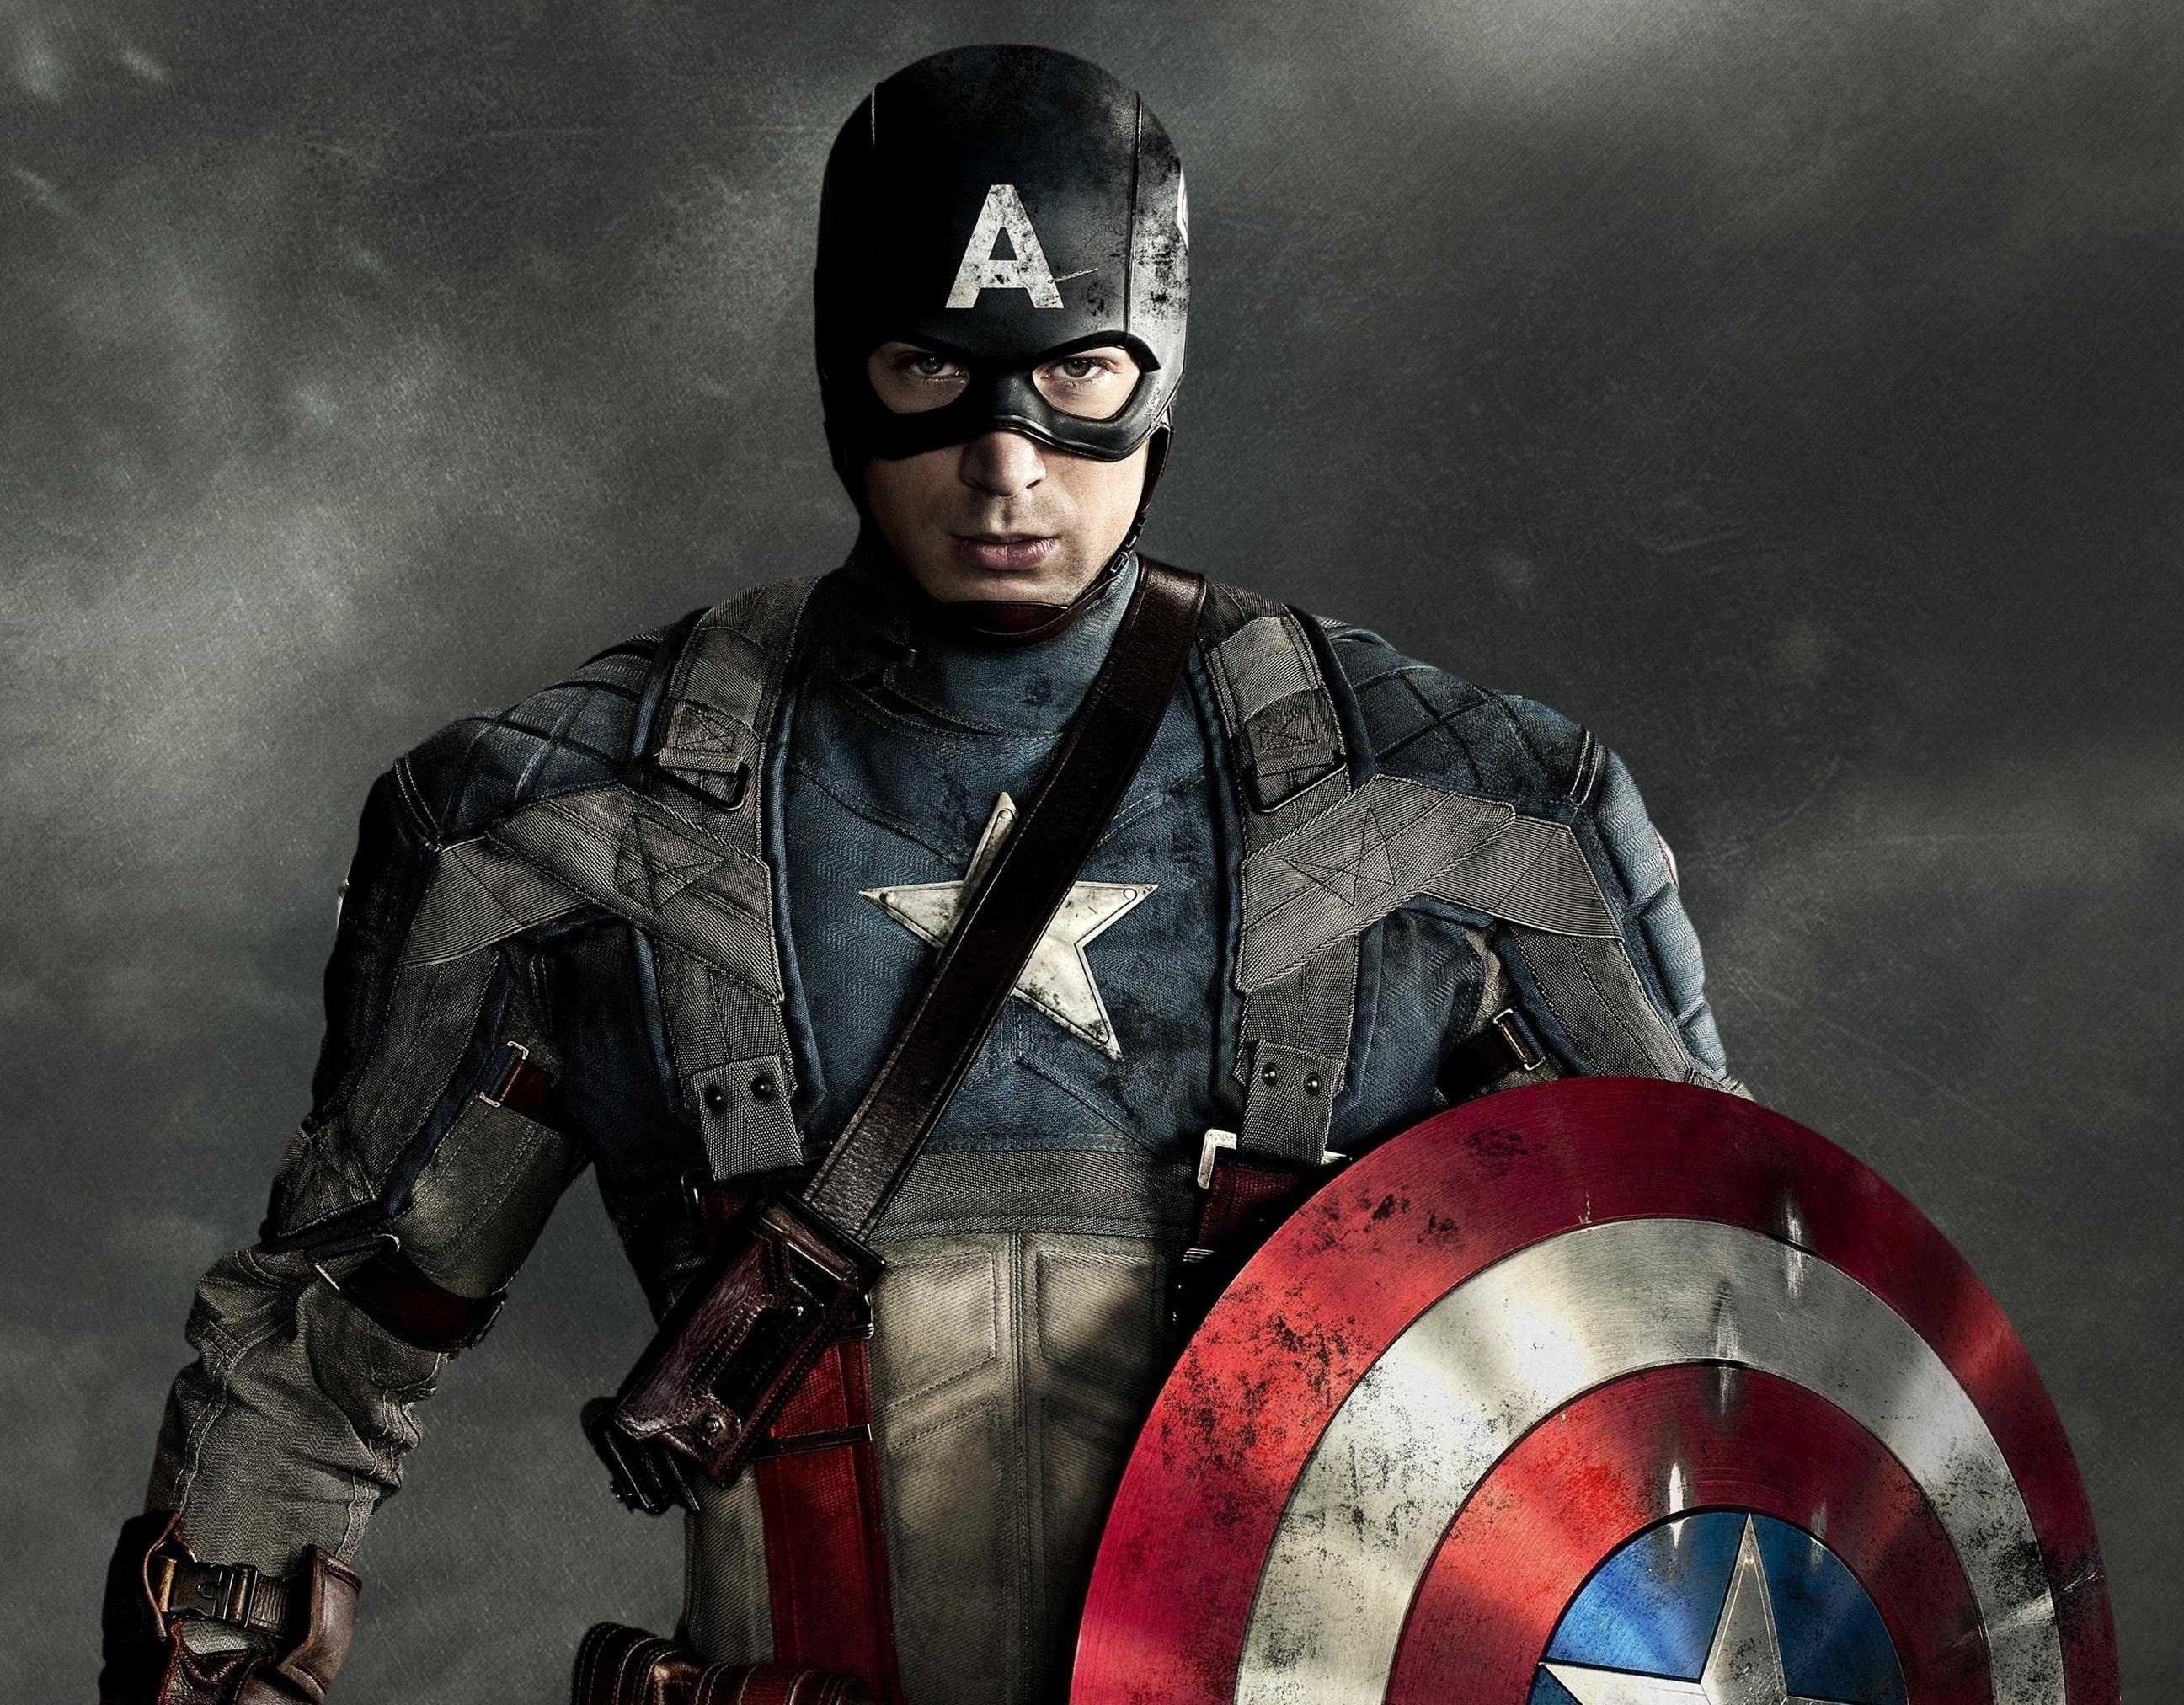 captain-america-first-avenger-captain-america-the-first-avenger-shield-chris-evans.jpg